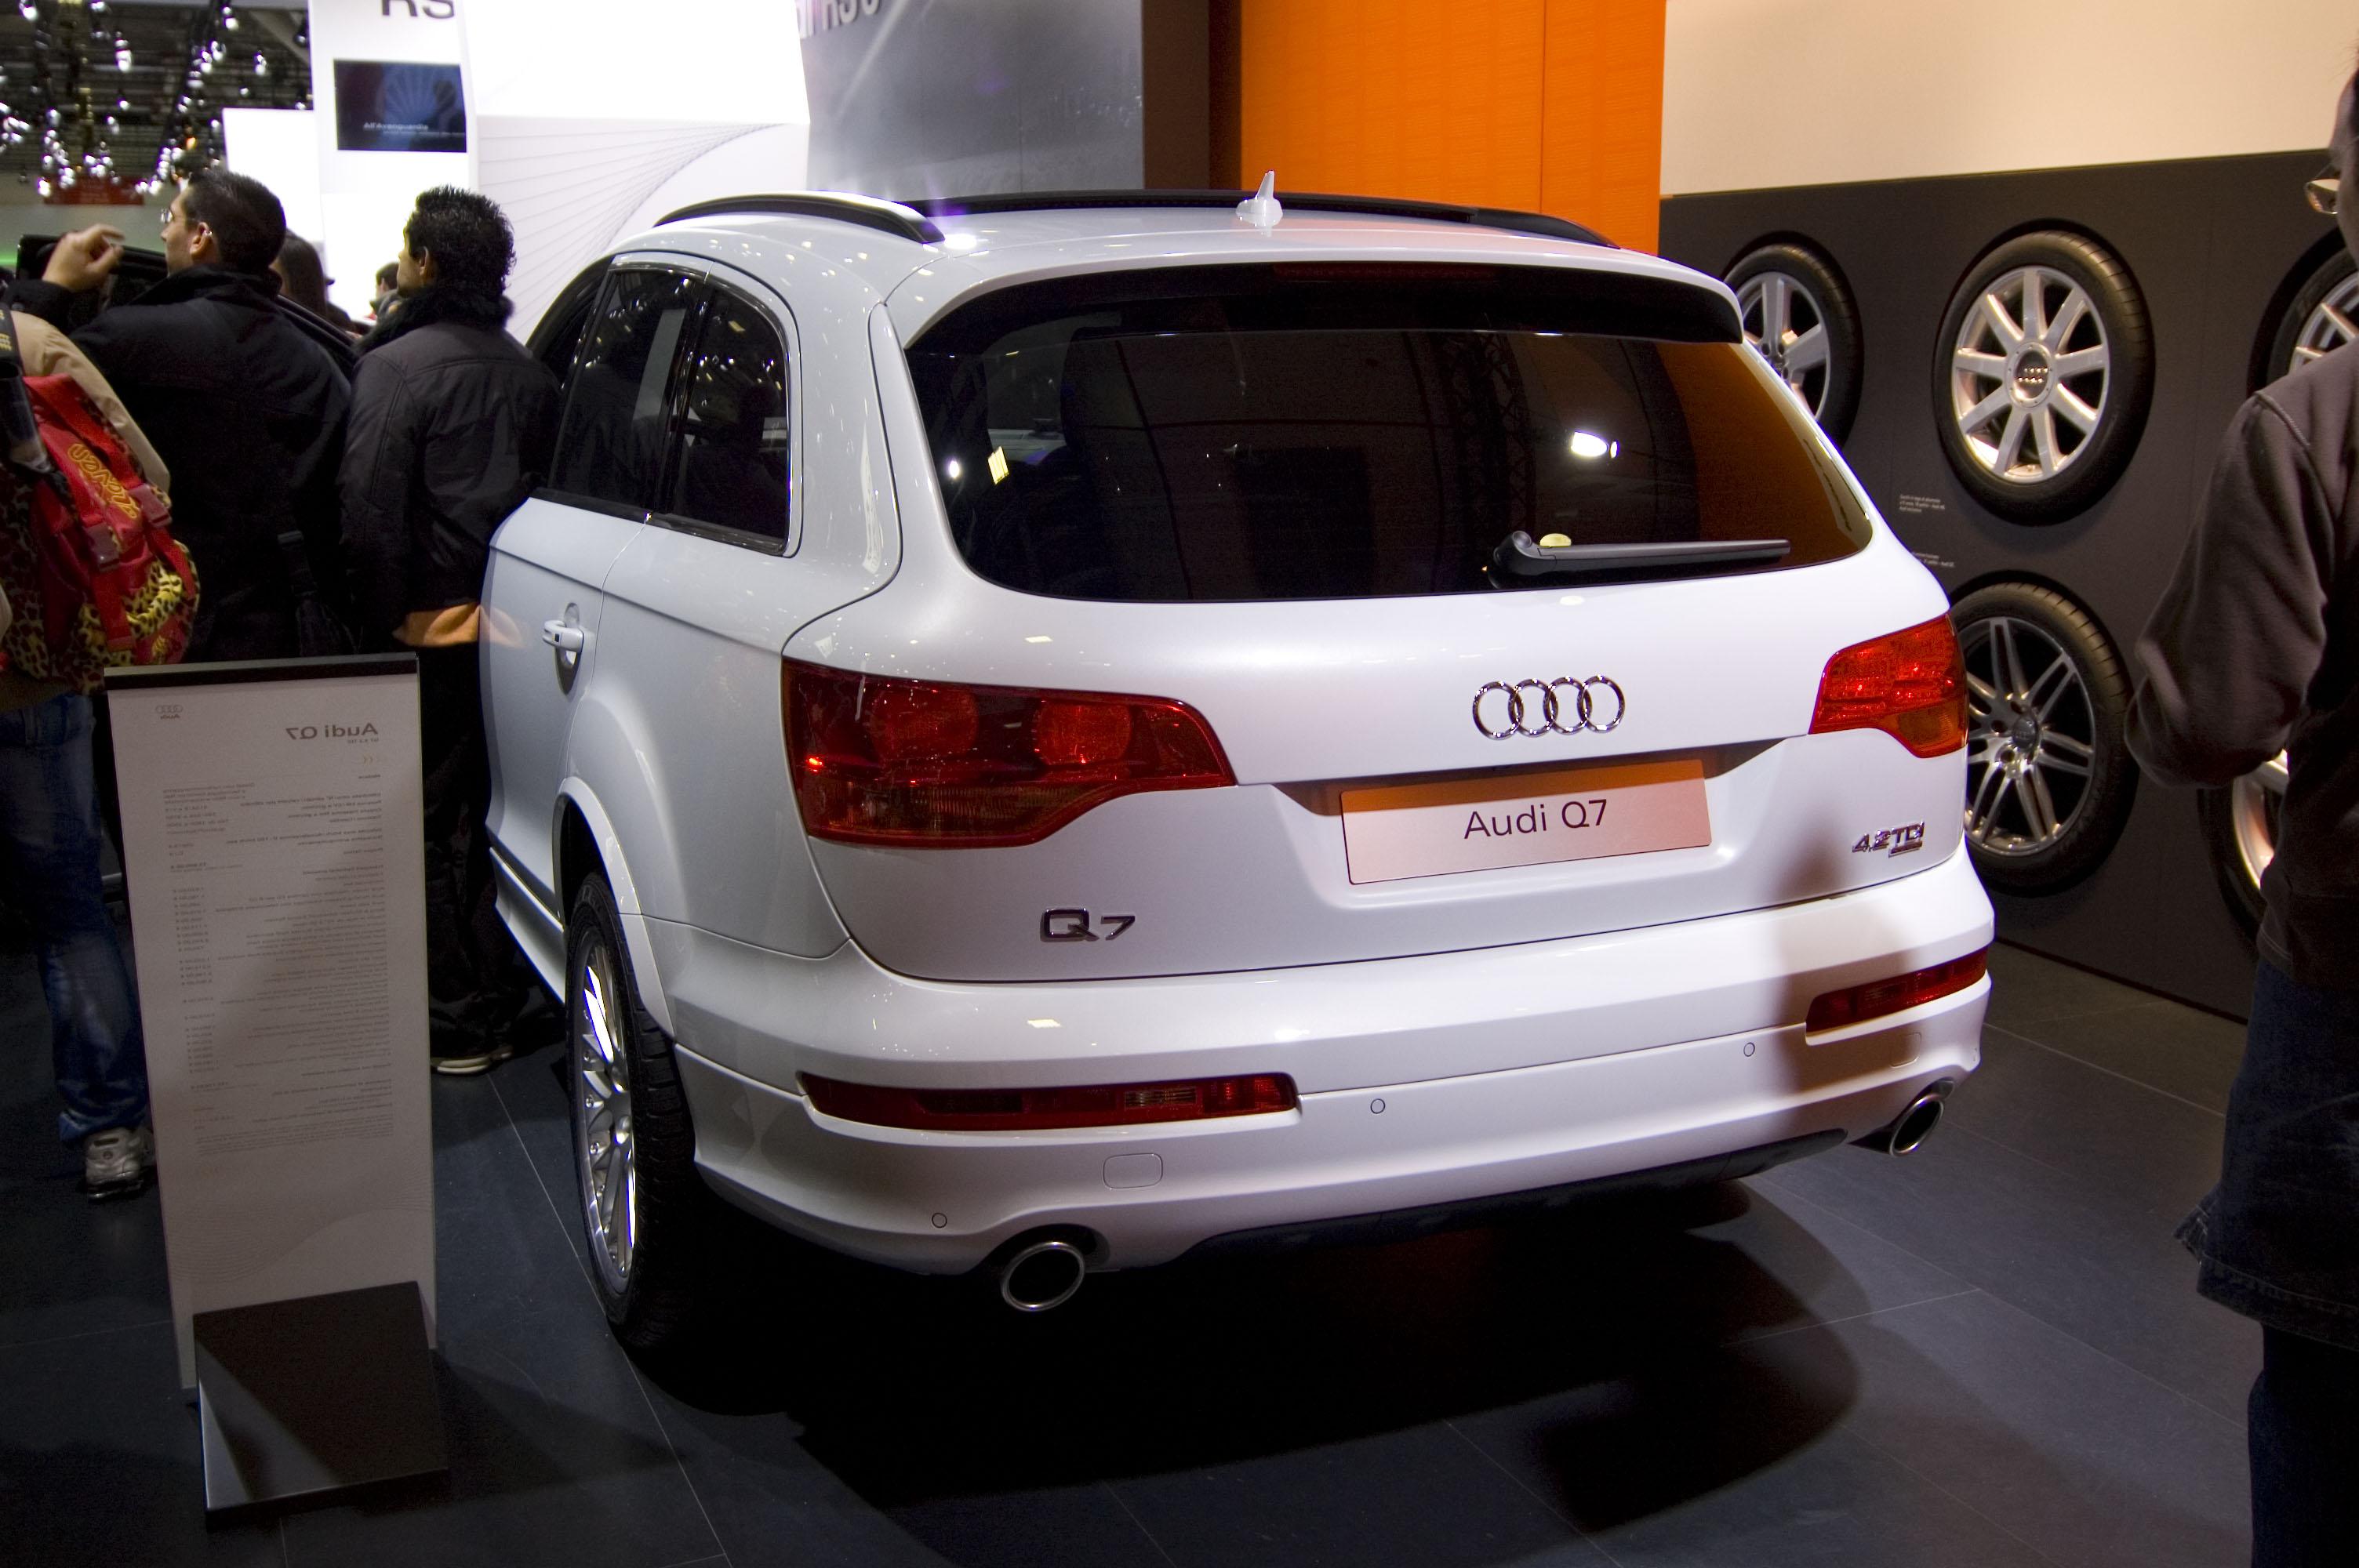 Kekurangan Audi Q7 2007 Perbandingan Harga